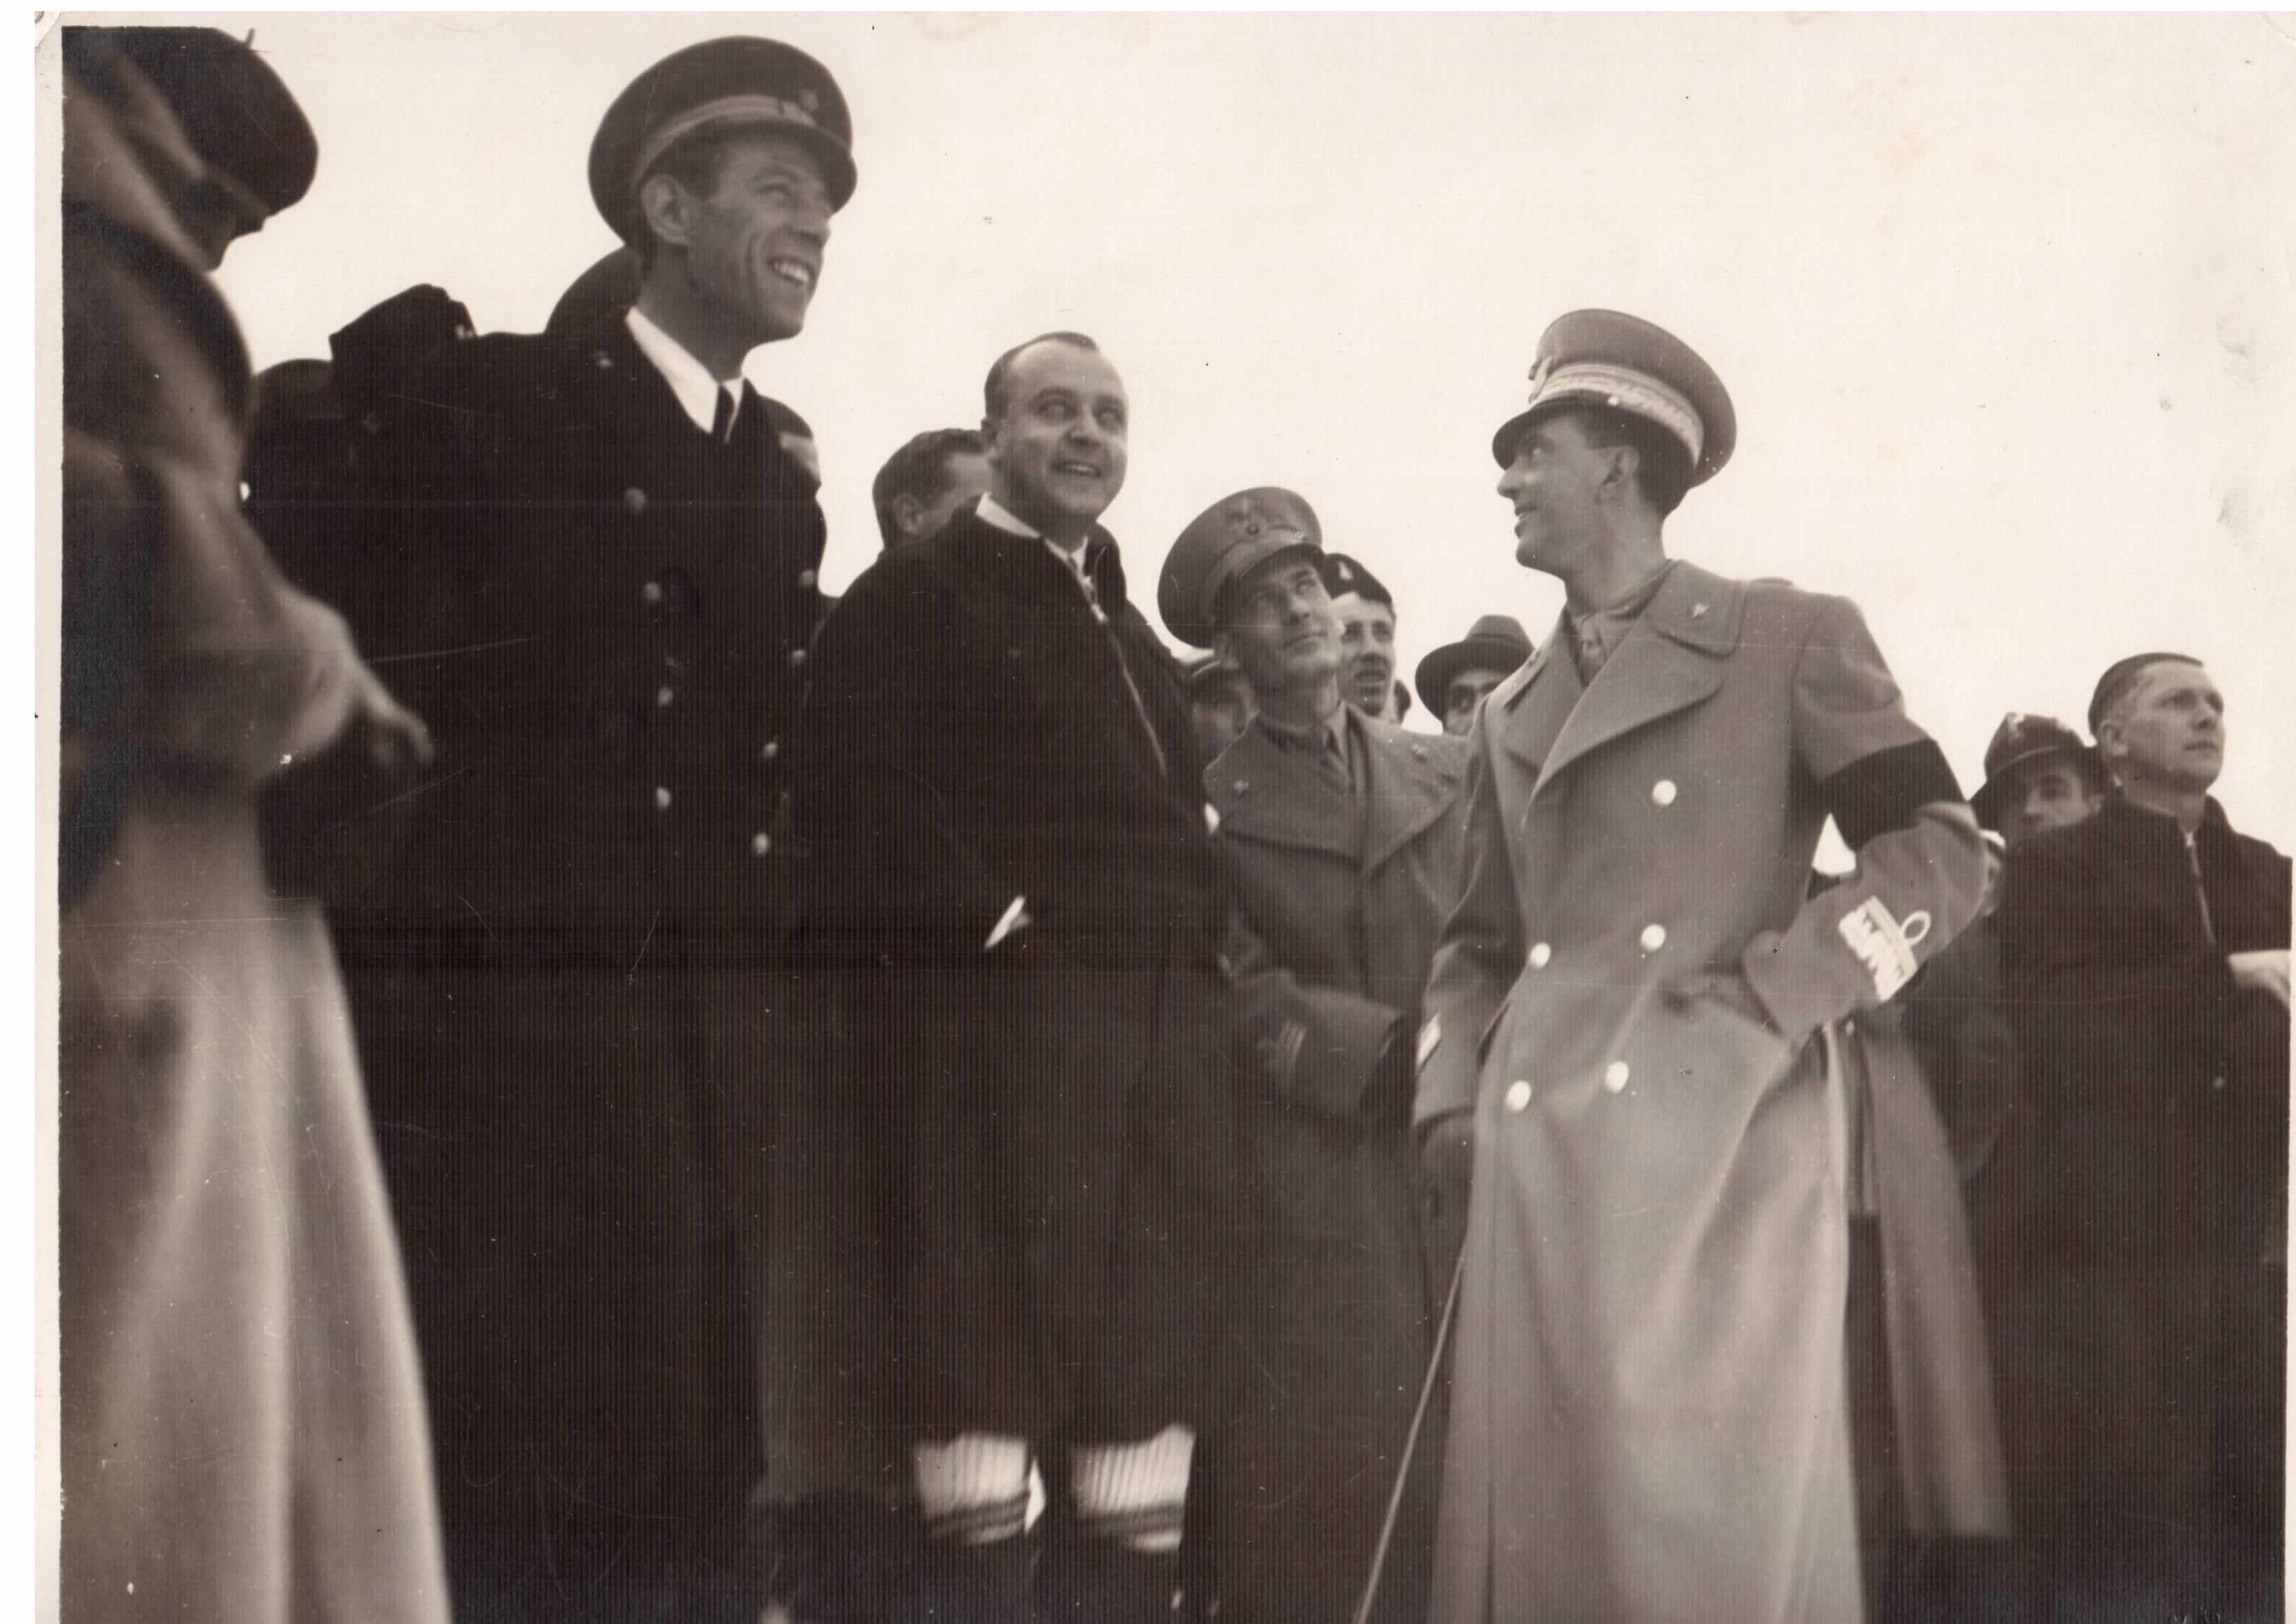 ufficiale d'ordinanza di Umberto di Savoia. In montagna (1935)